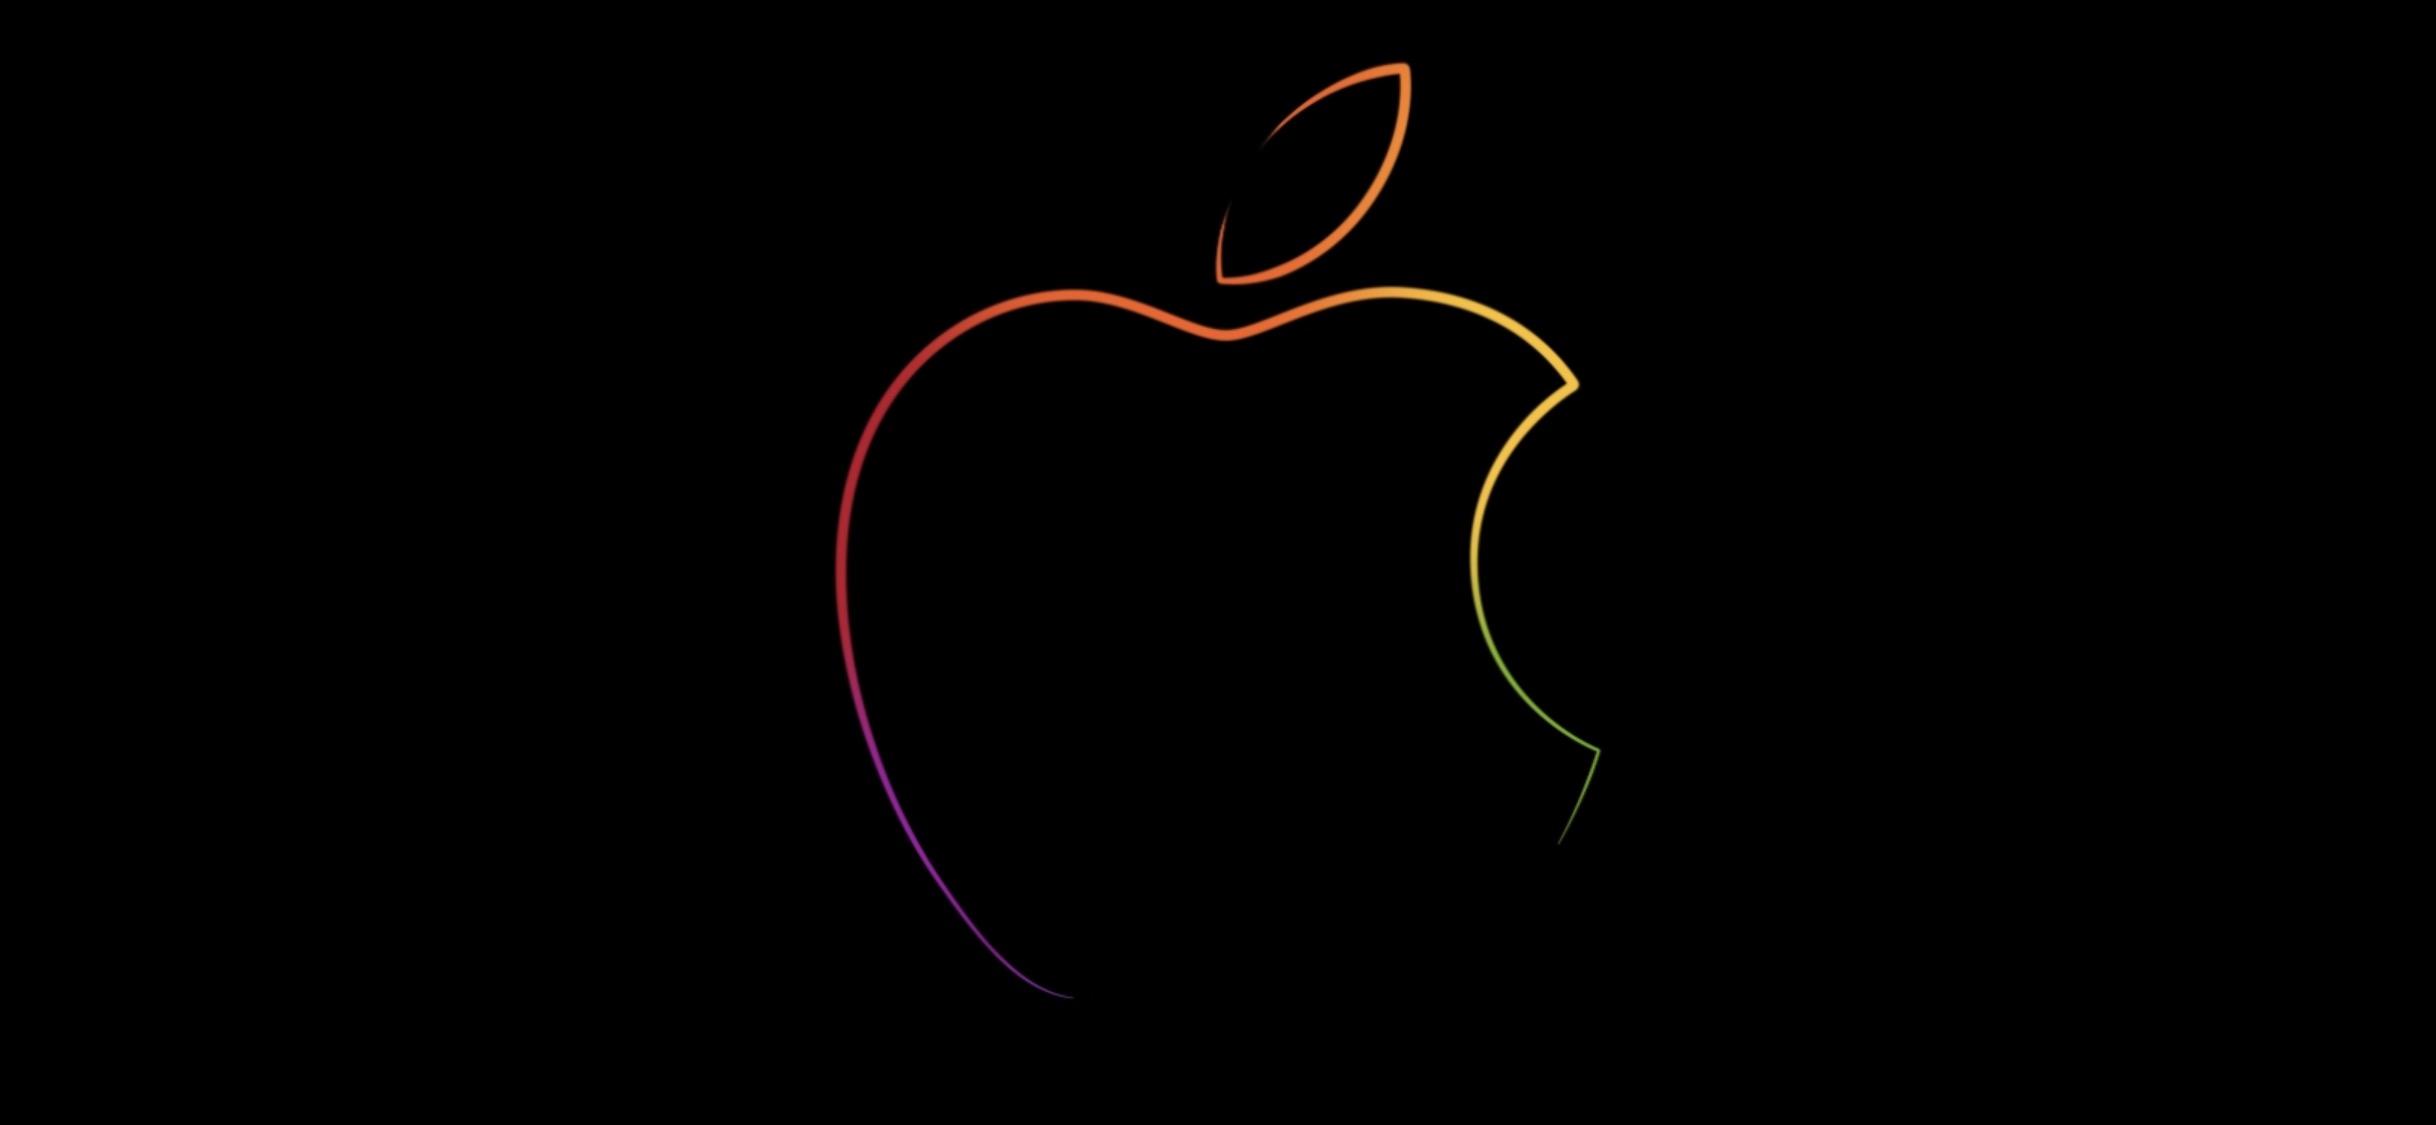 Apple公式サイトがメンテナンス中に 午後4時1分からiPhone XS・XS Maxの予約開始